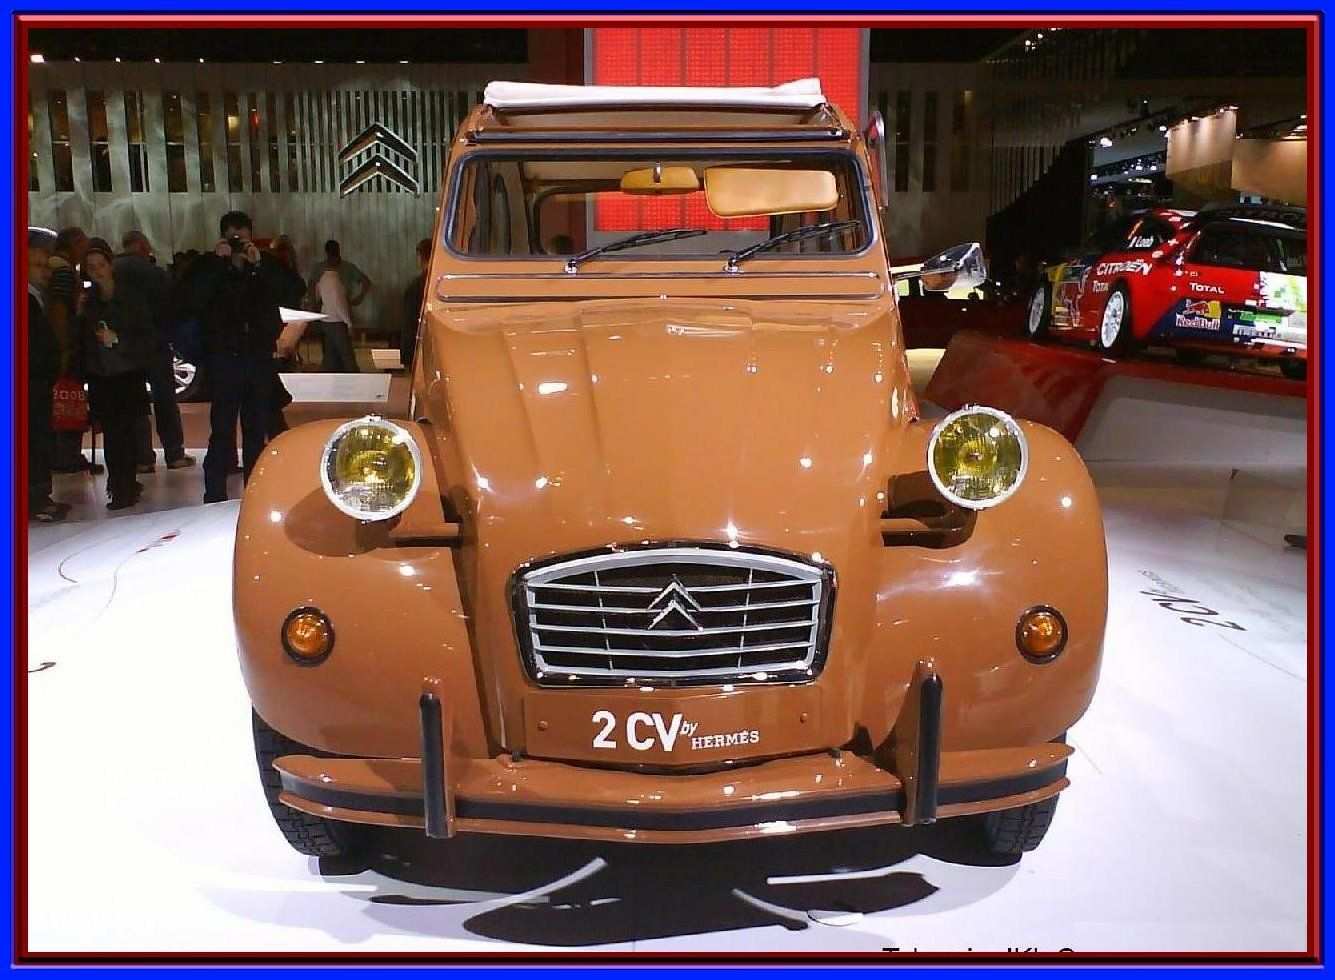 voiture 2 cv